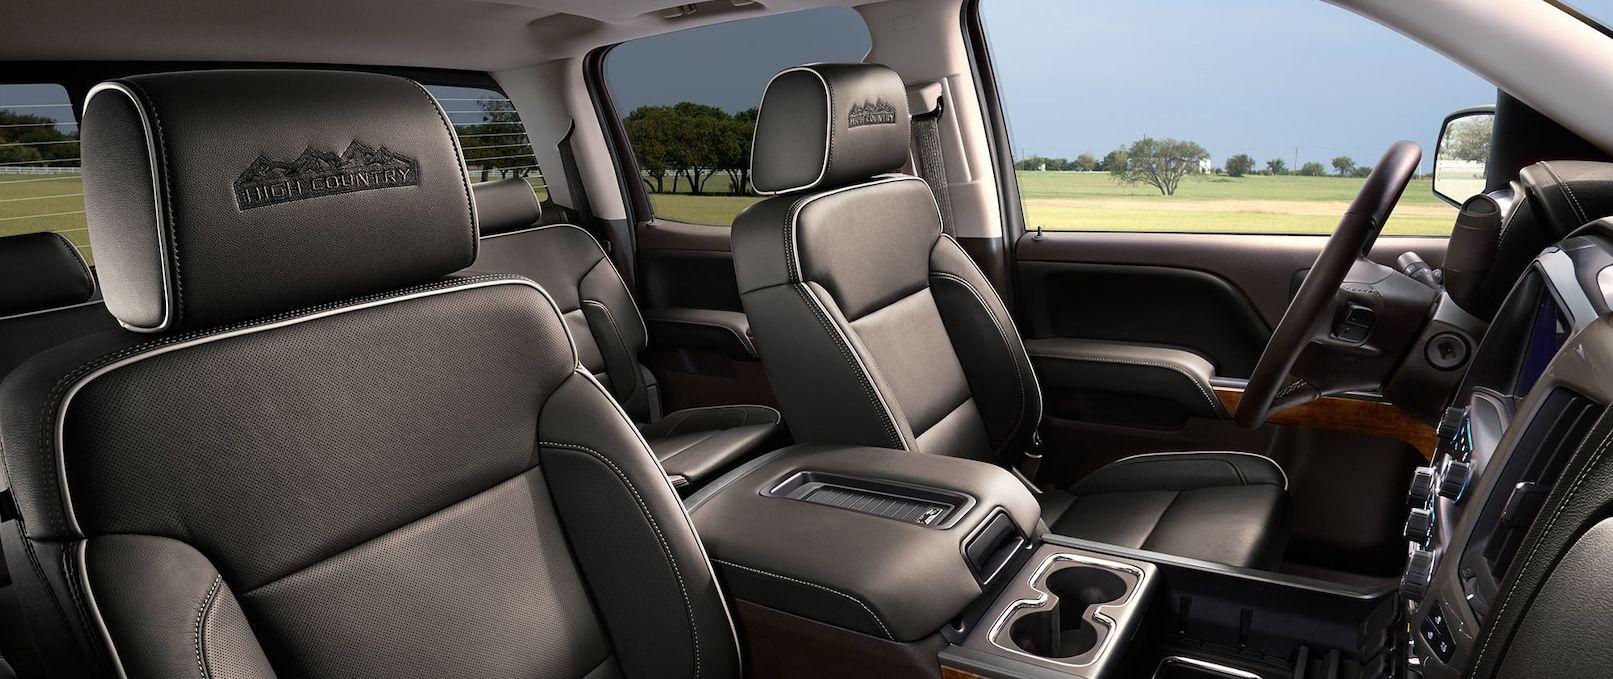 The Plush Interior of the 2019 Chevrolet Silverado 1500